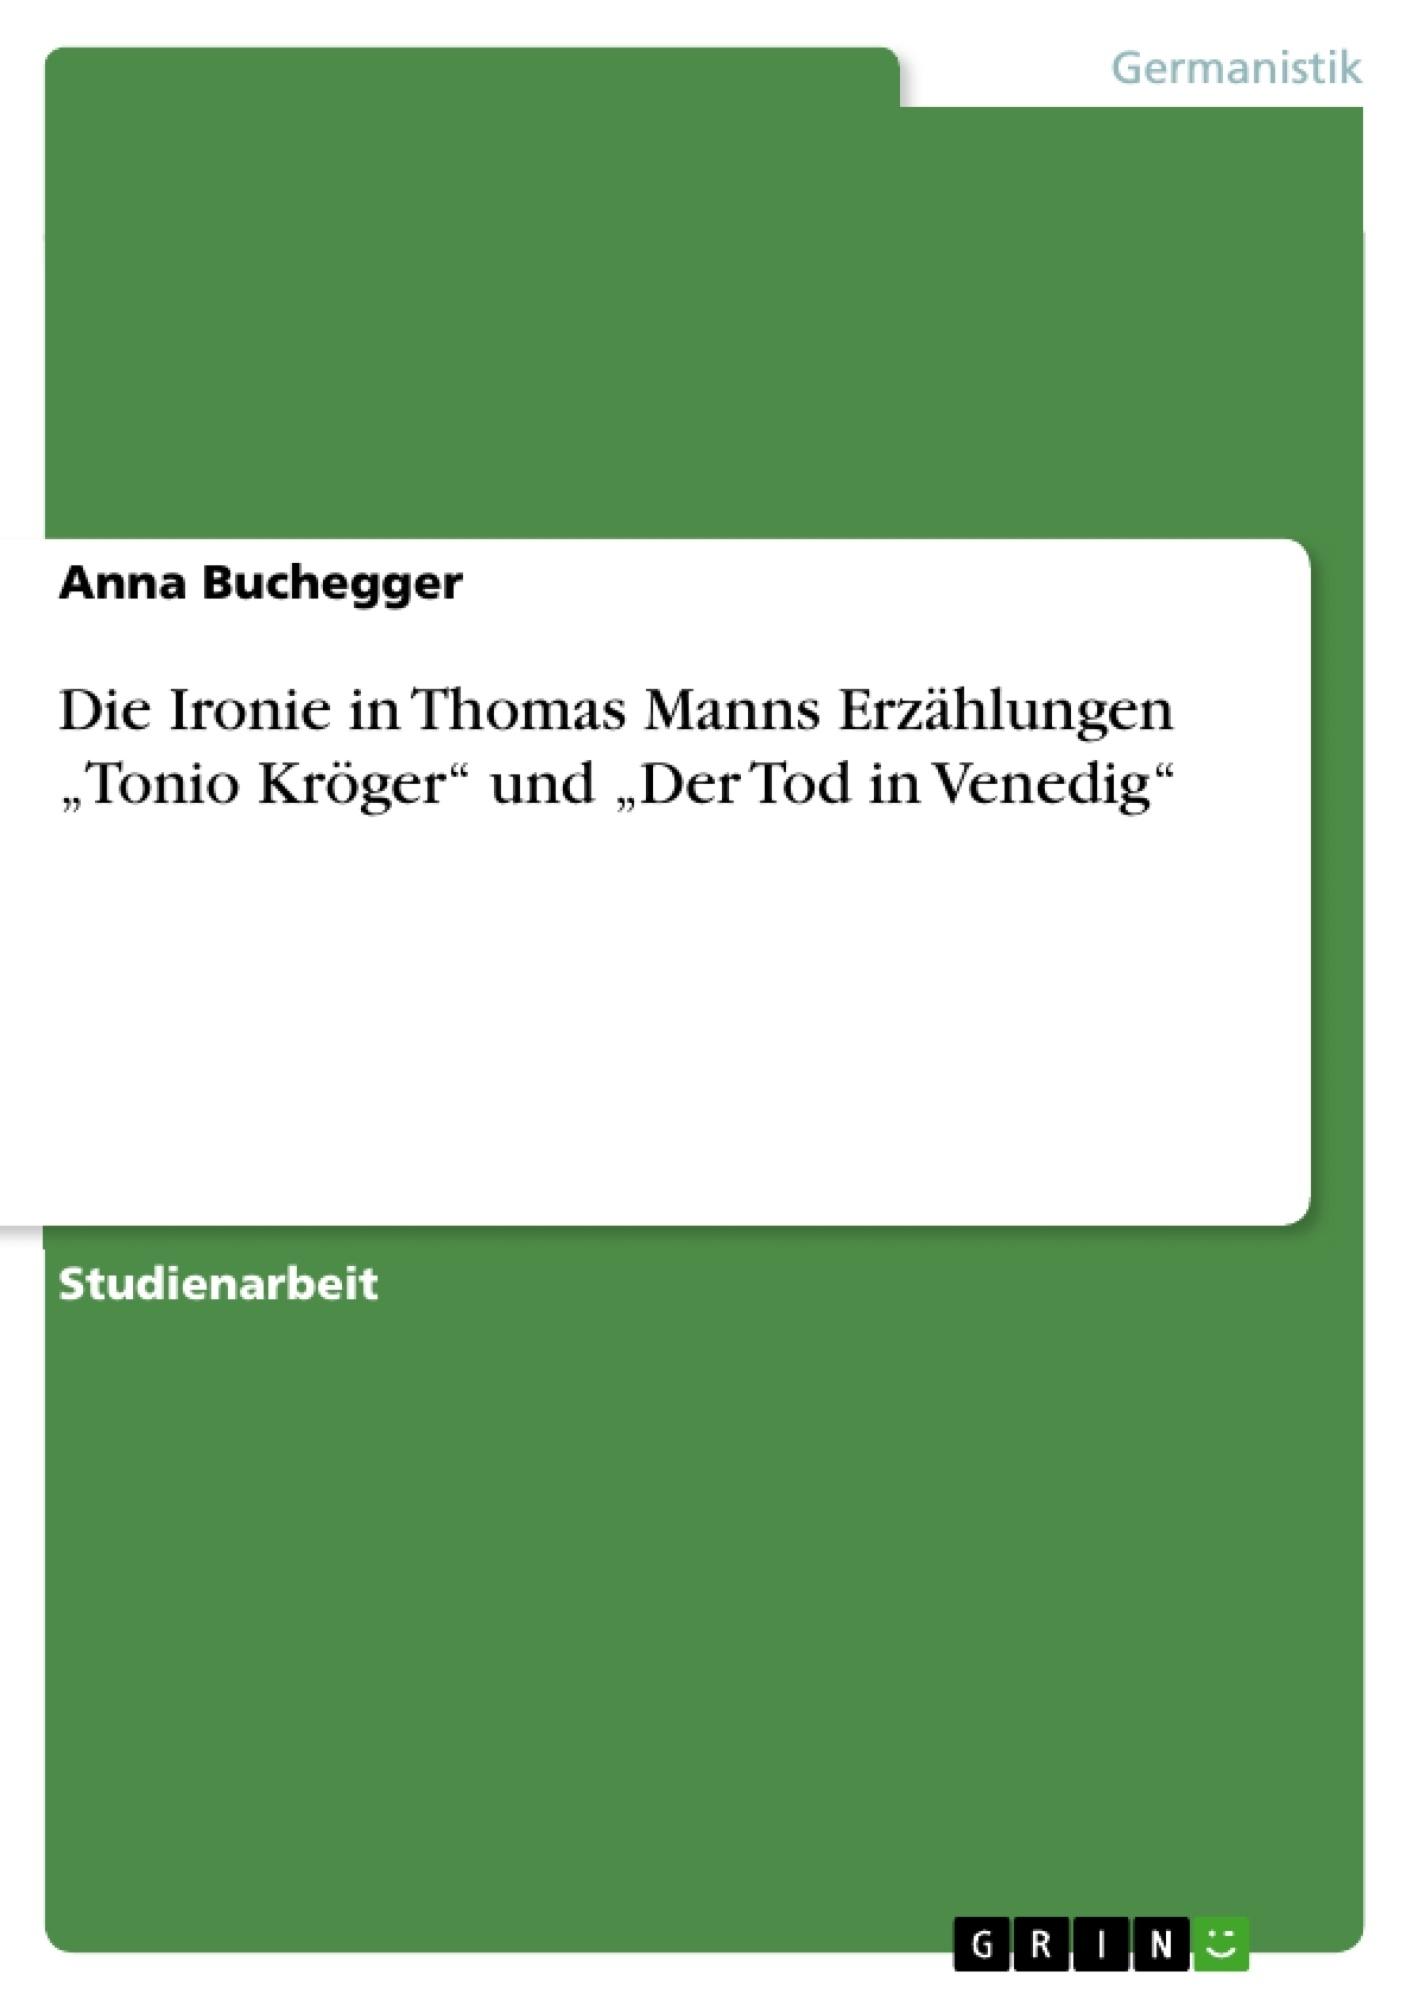 """Titel: Die Ironie in Thomas Manns Erzählungen """"Tonio Kröger"""" und """"Der Tod in Venedig"""""""